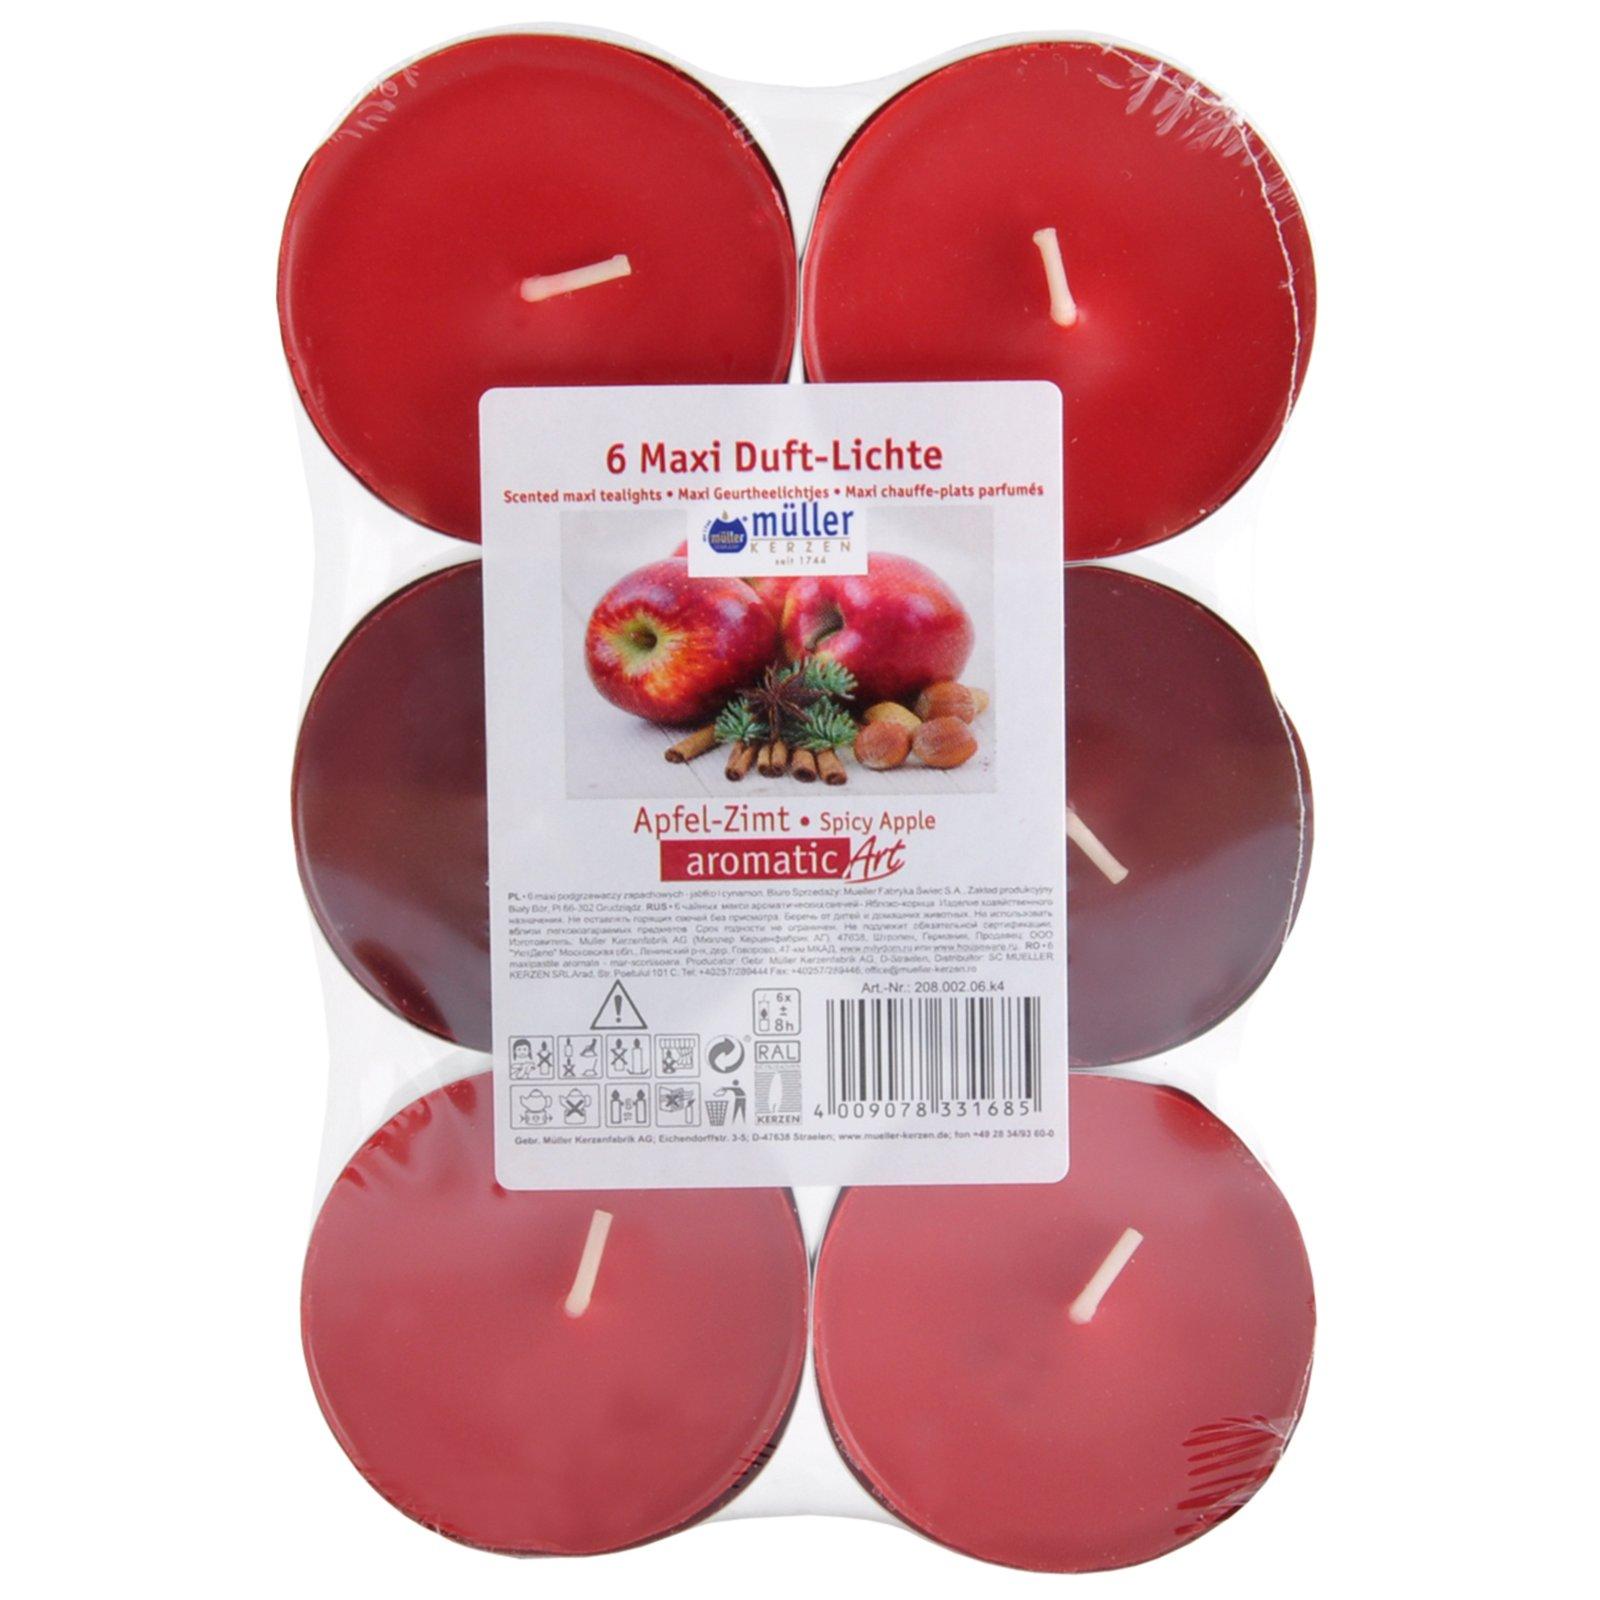 6 Maxi Duft-Teelichter - rot - Apfel-Zimt